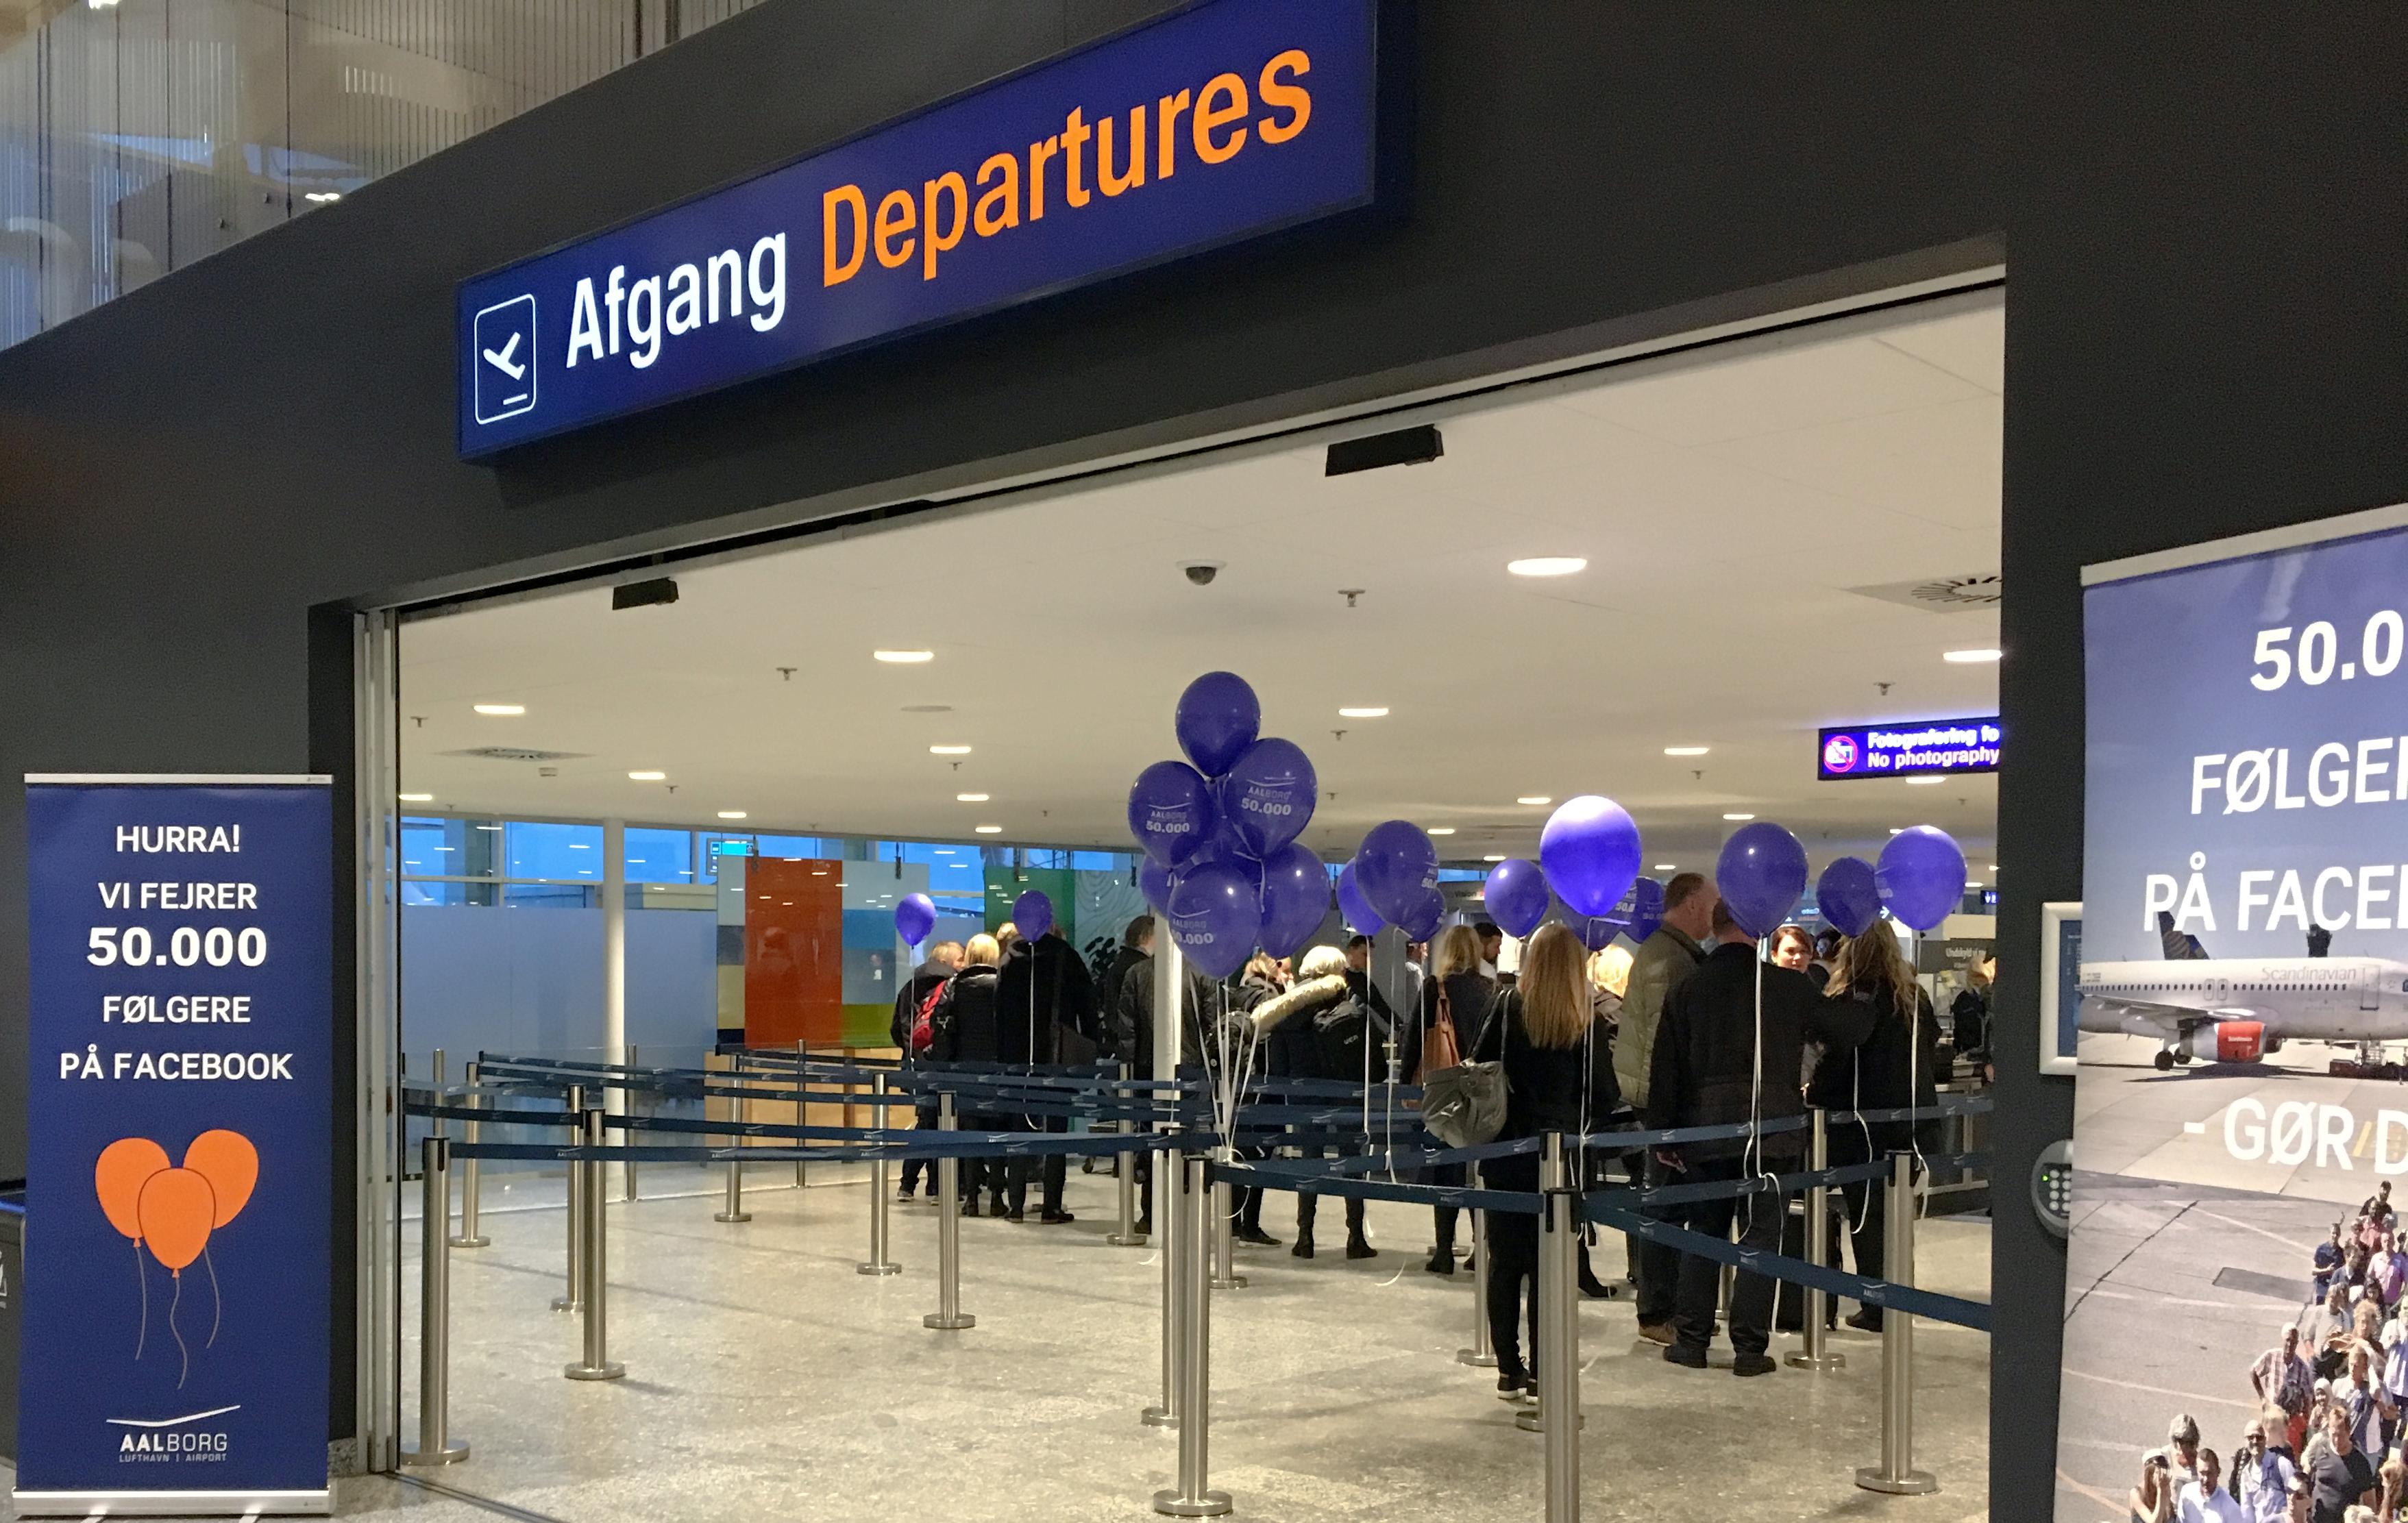 aalborg lufthavn afgange